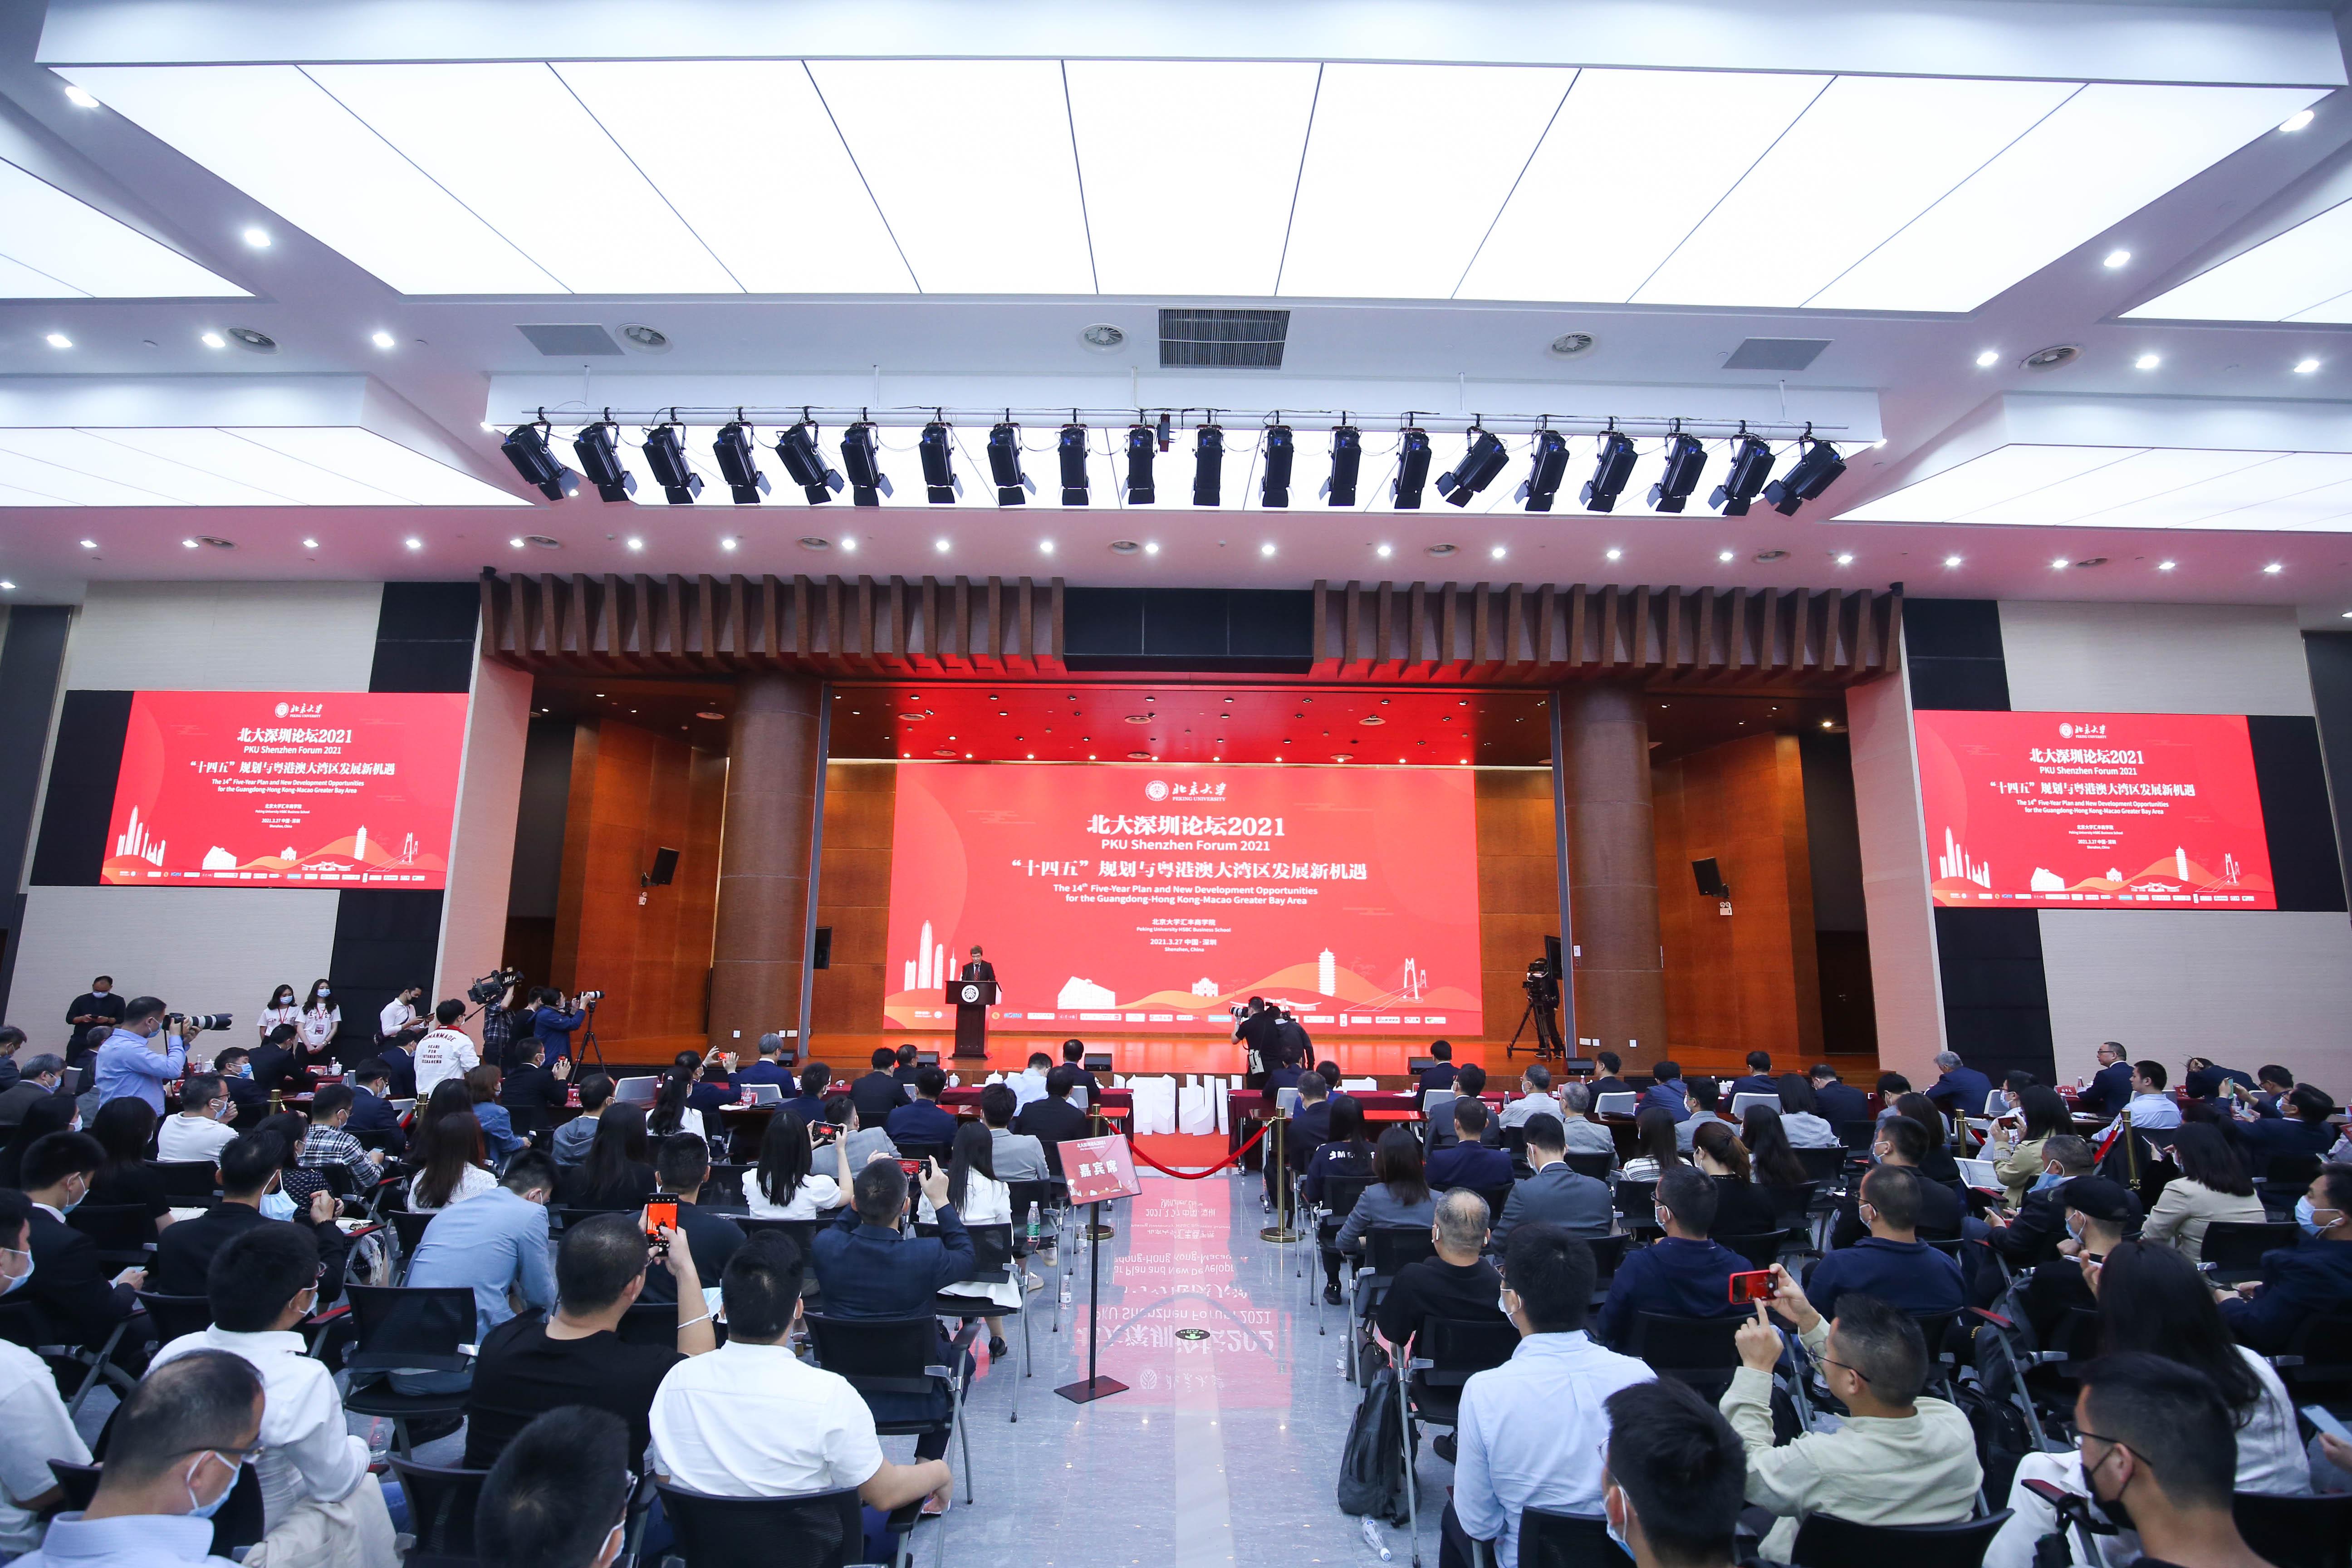 【光明日报】北大深圳论坛2021聚焦粤港澳大湾区发展新机遇